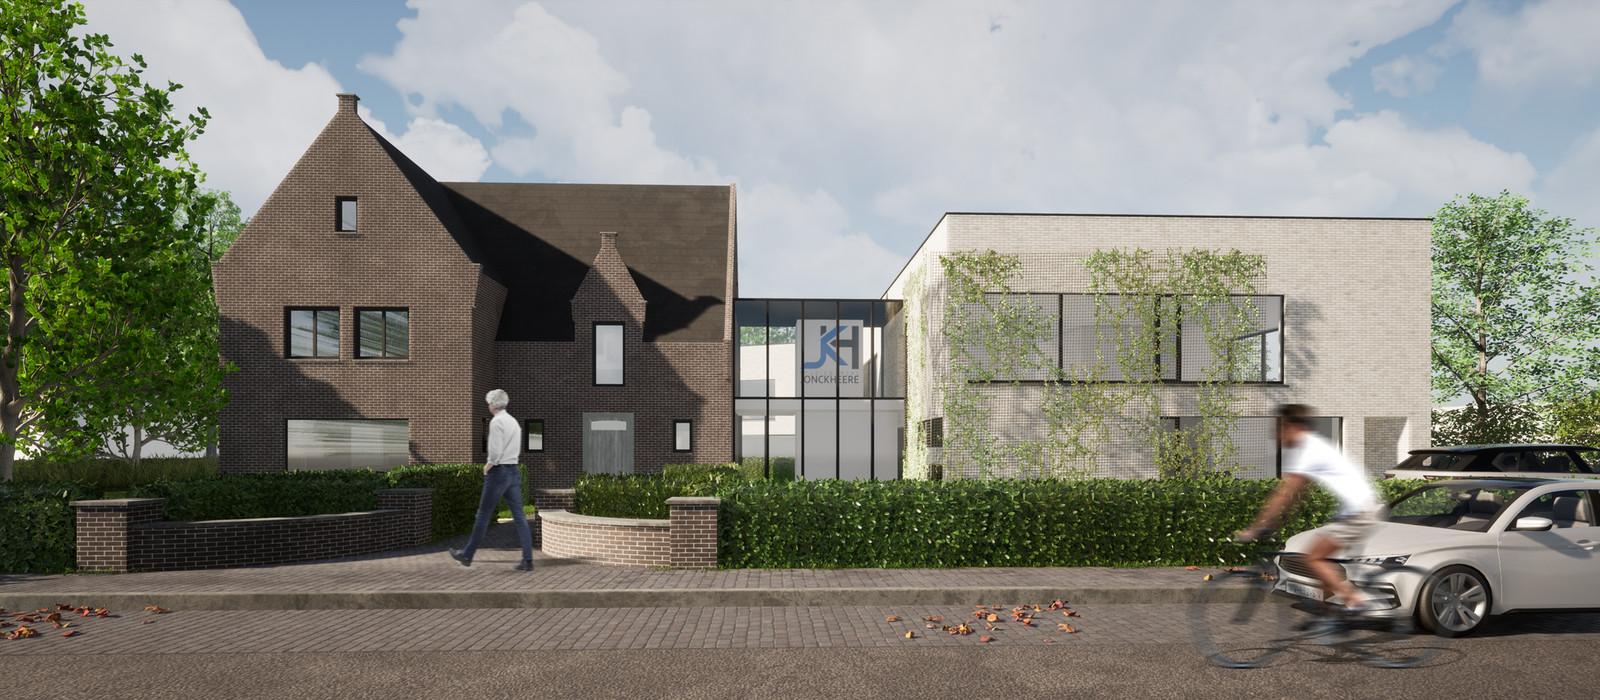 Het cohousingproject in Zevenbergen nabij de Veemarkt.